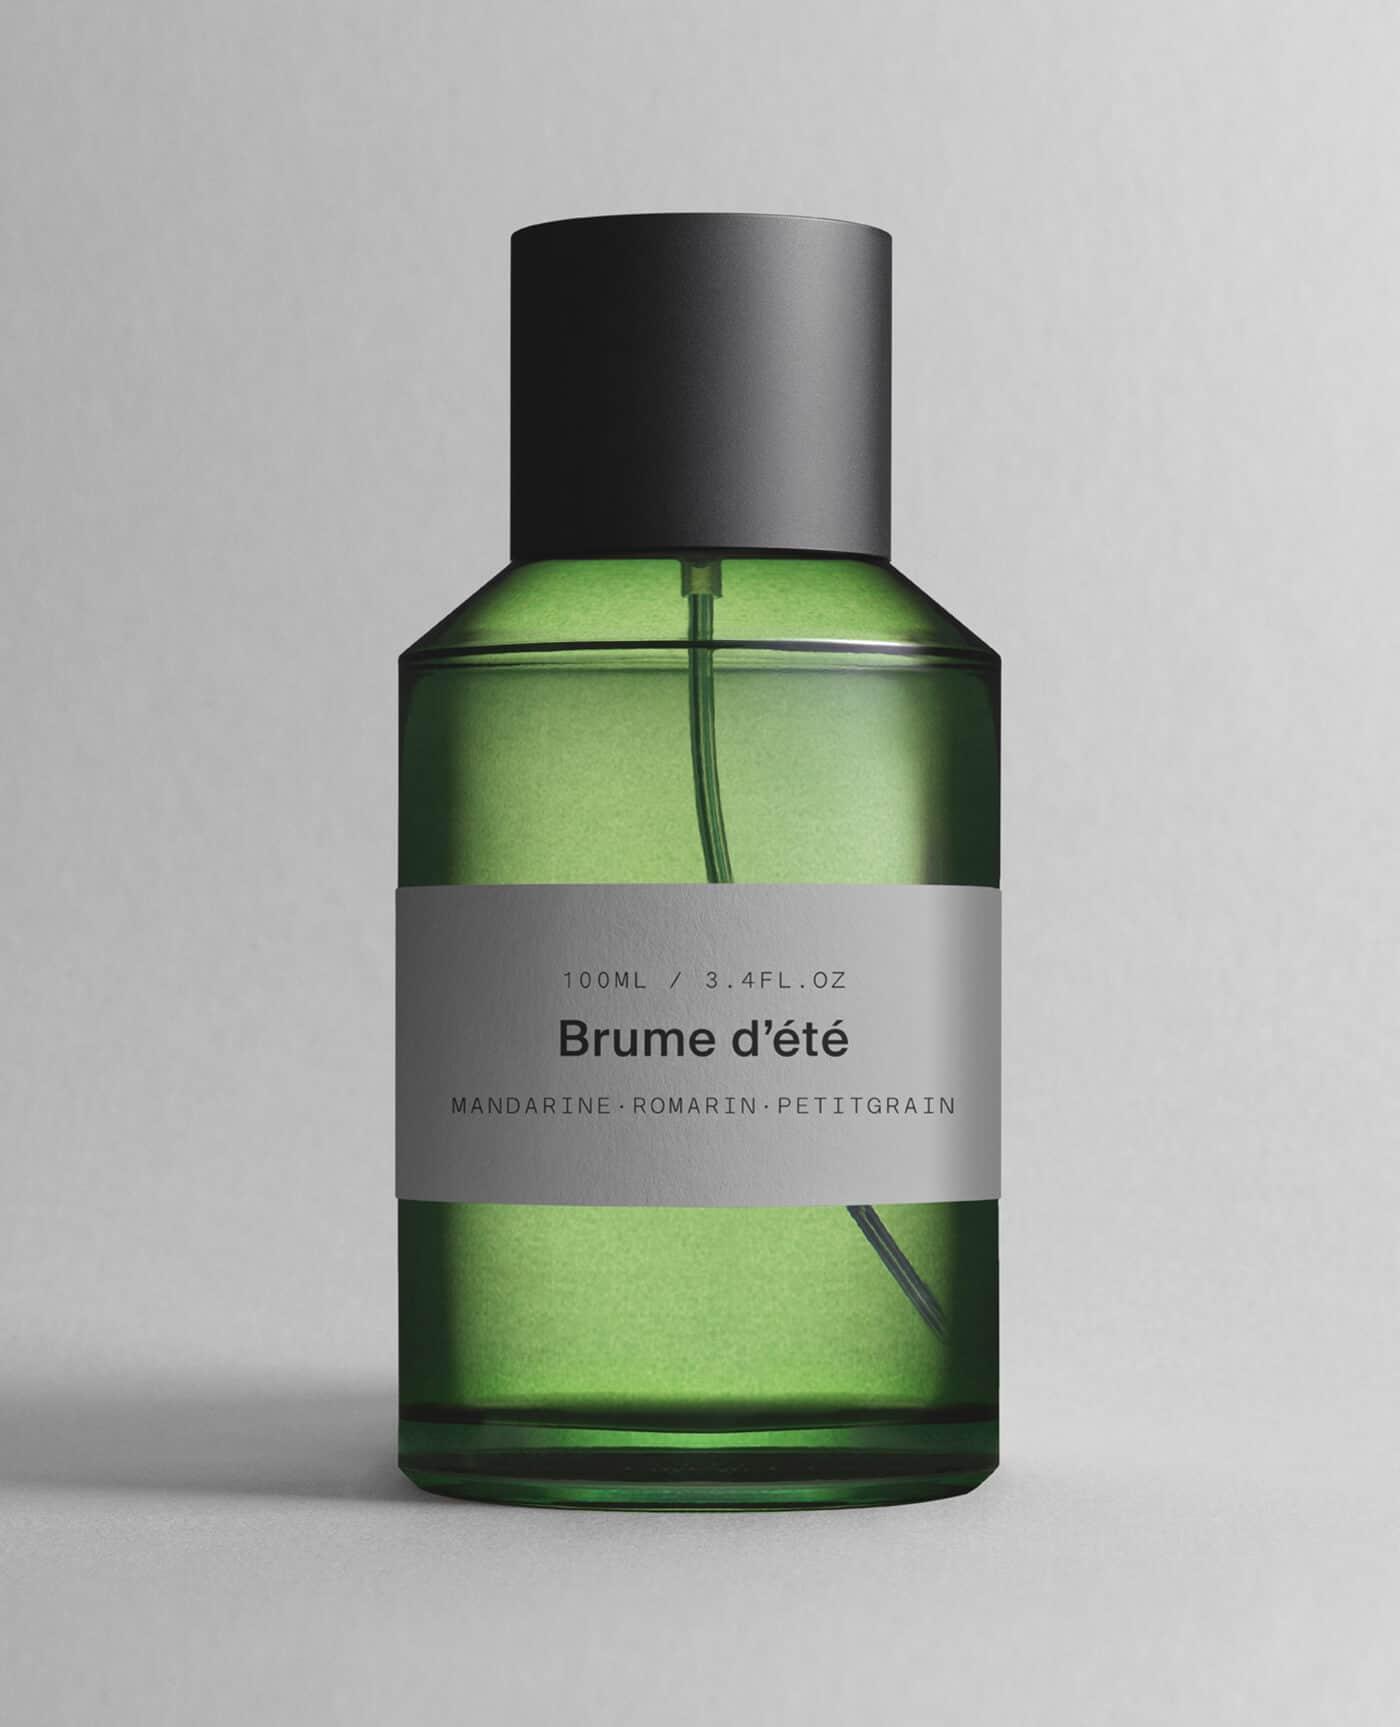 Parfum brume d'été senteur mandarine, romarin et petit grain de la marque MArie Jeanne grasse made in france